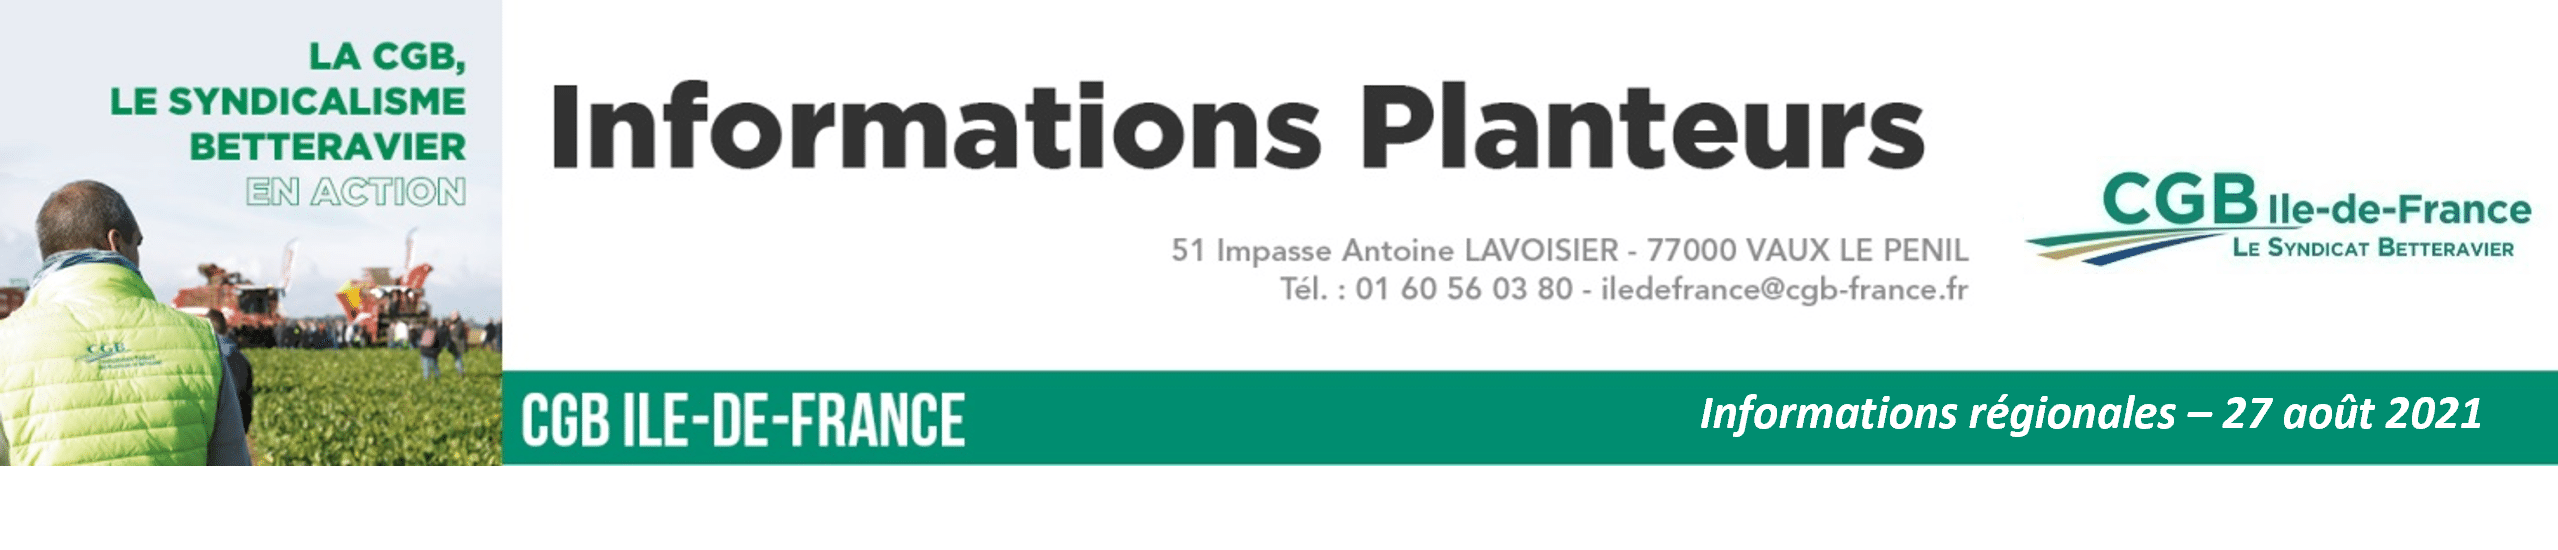 Info planteurs IdF aout 2021